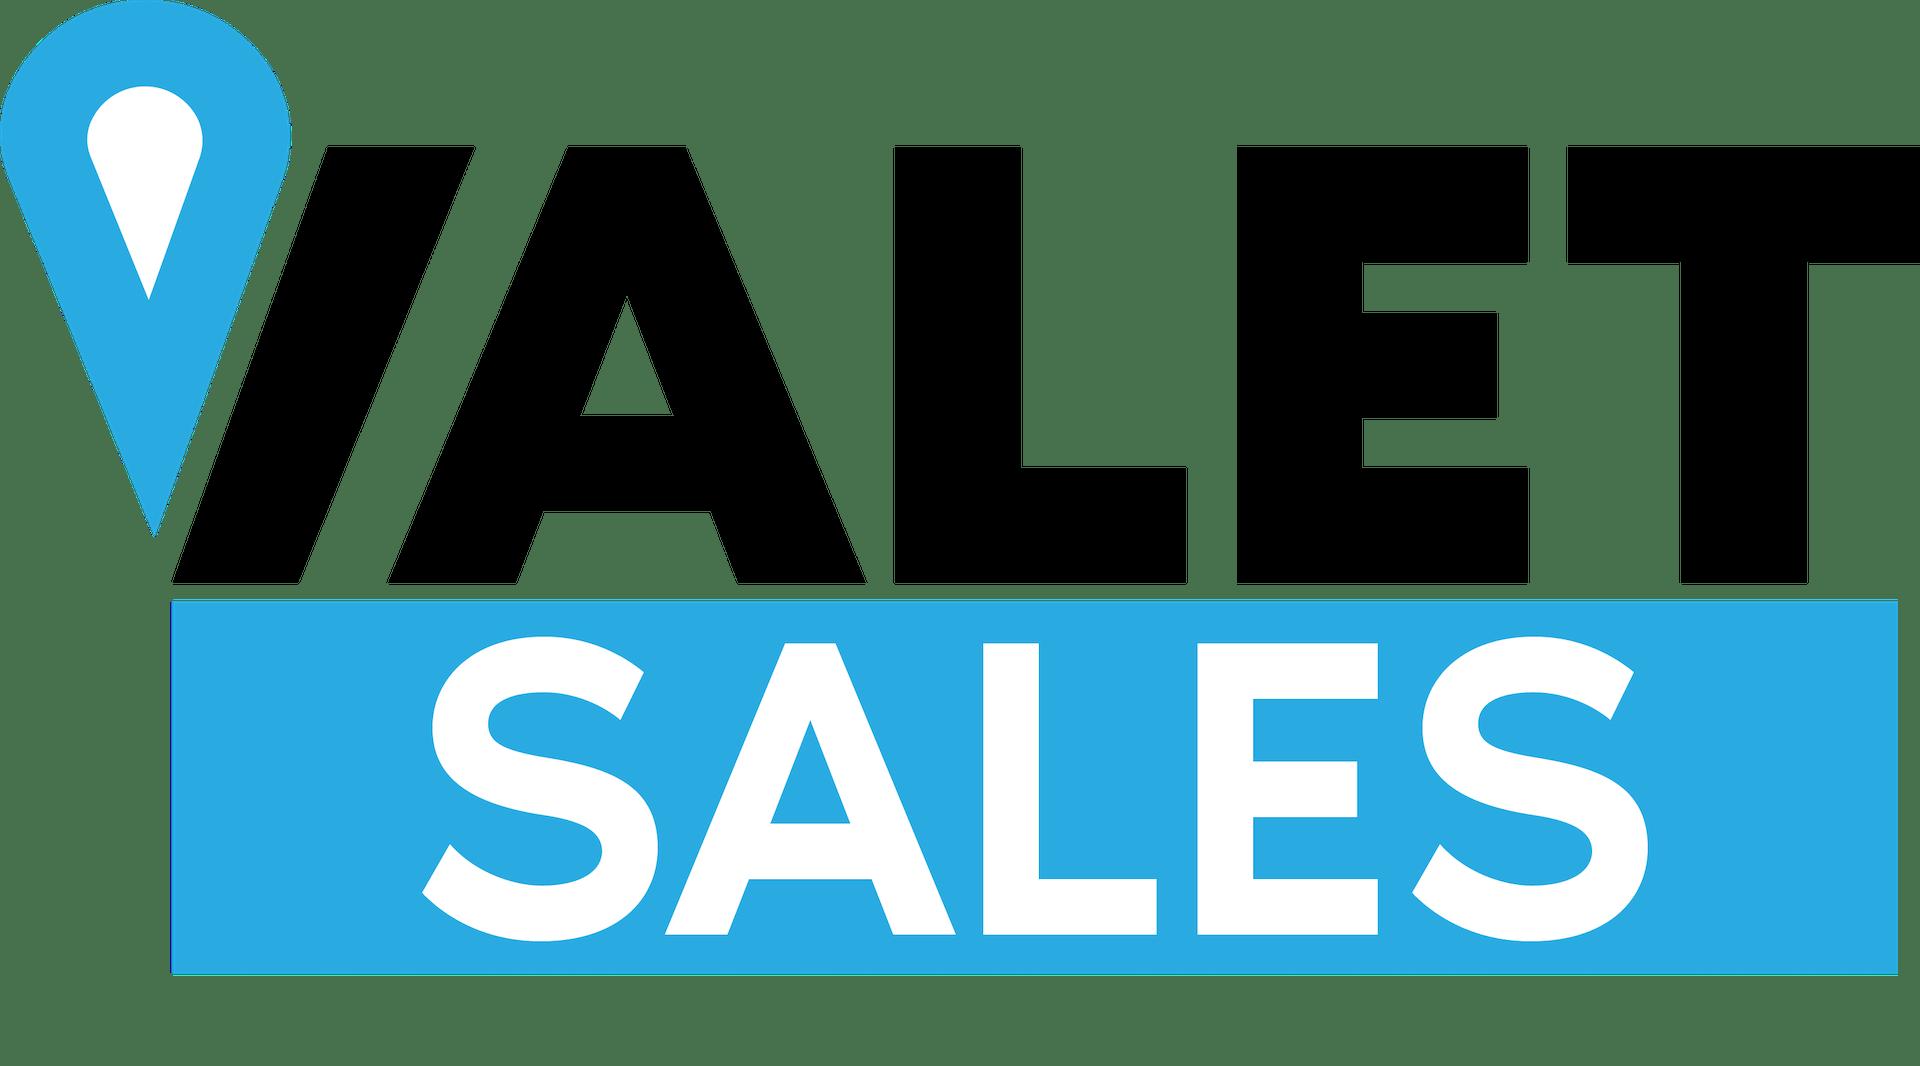 Valet Sales Banner